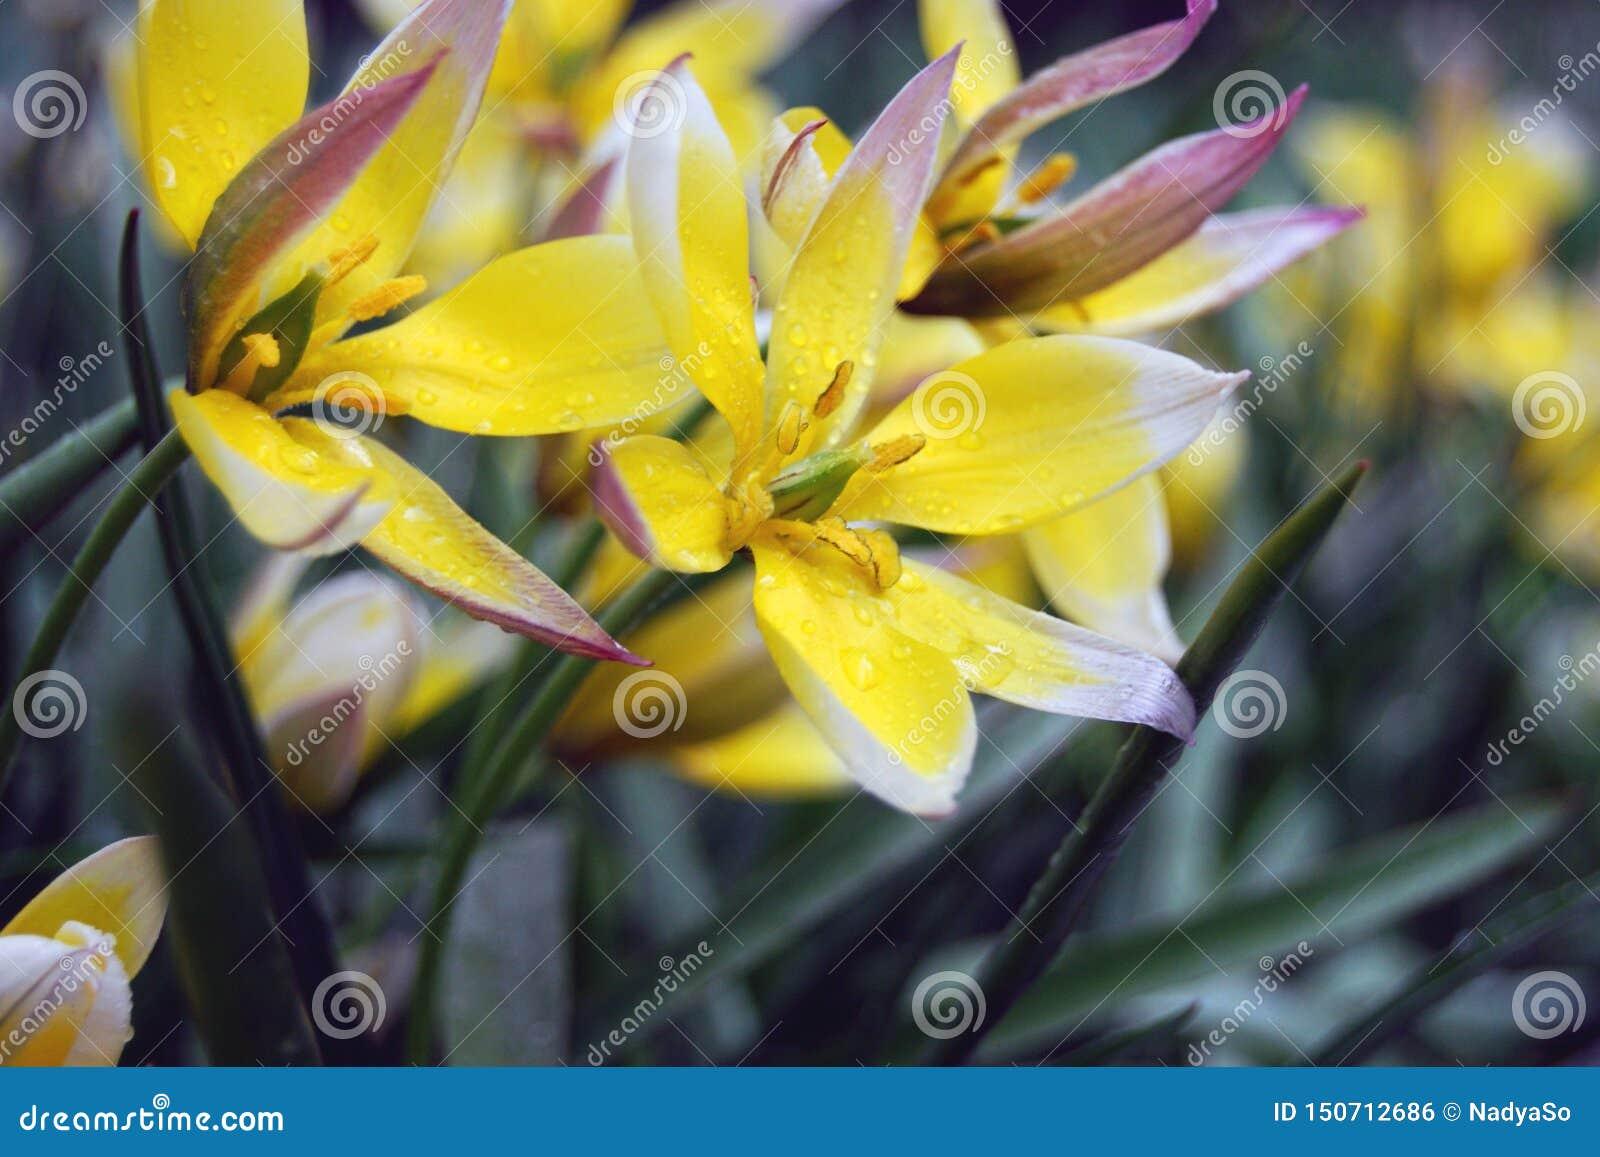 Flores amarillas delicadas en día lluvioso